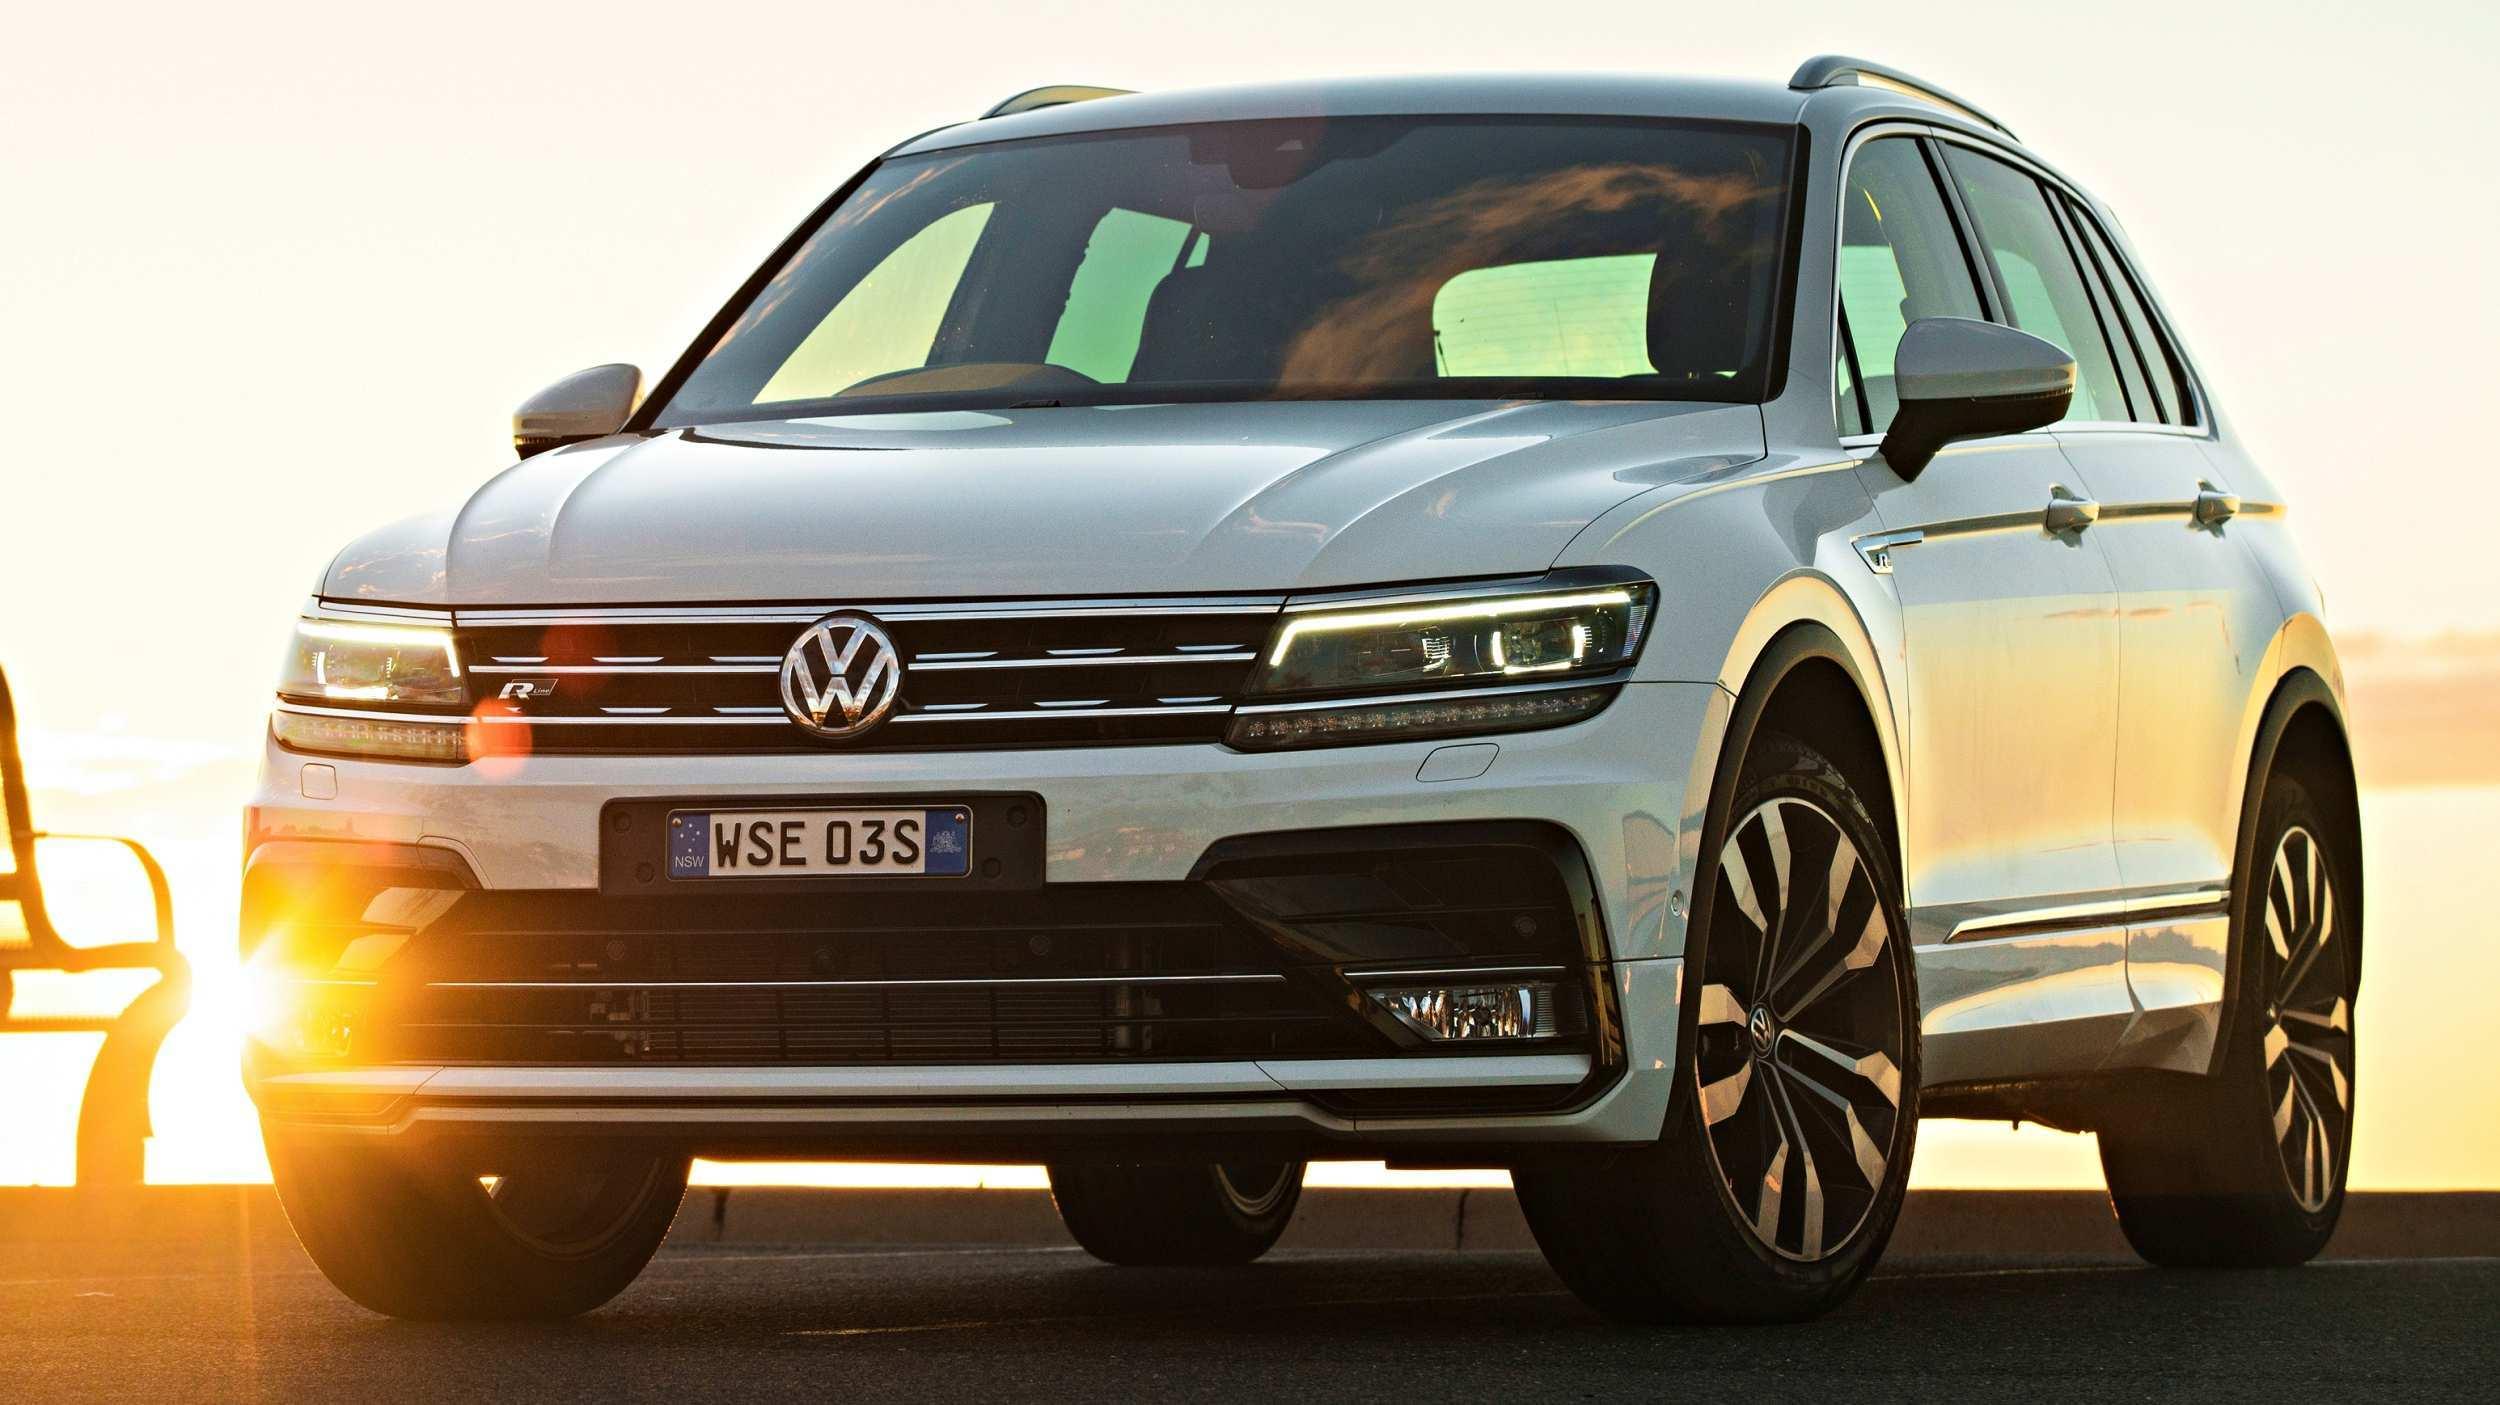 52 Great 2019 Volkswagen Tiguan History by 2019 Volkswagen Tiguan